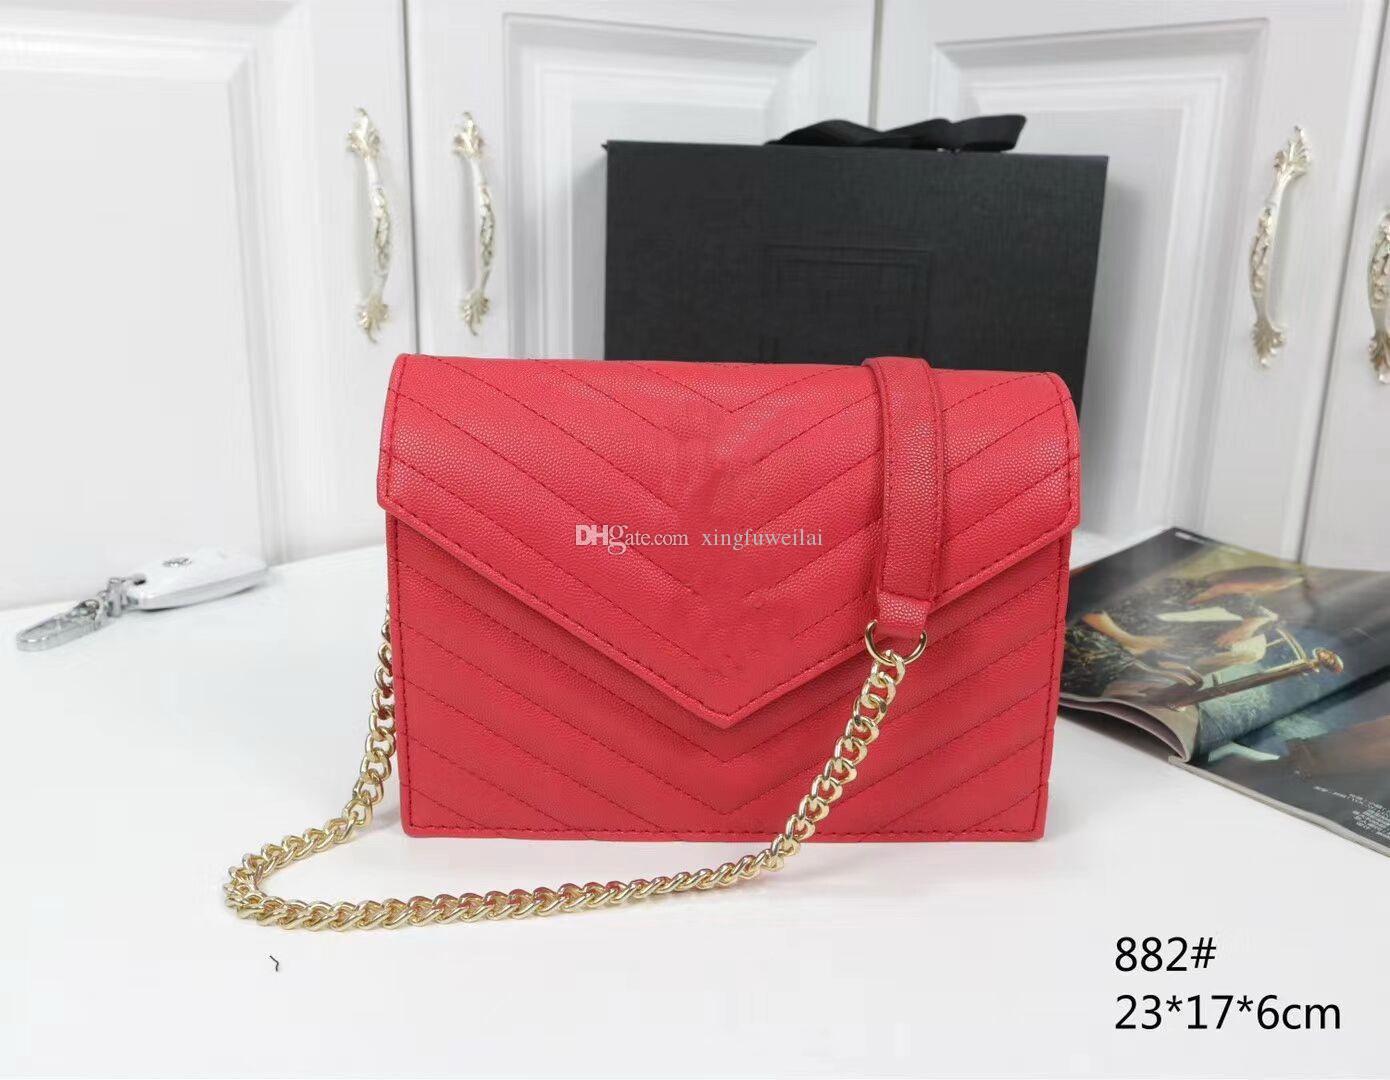 Frauen Umhängetasche Mode Damen Handtaschen Kette Taschen Casual Messenger Pure Farbe Weibliche Gute Qualität